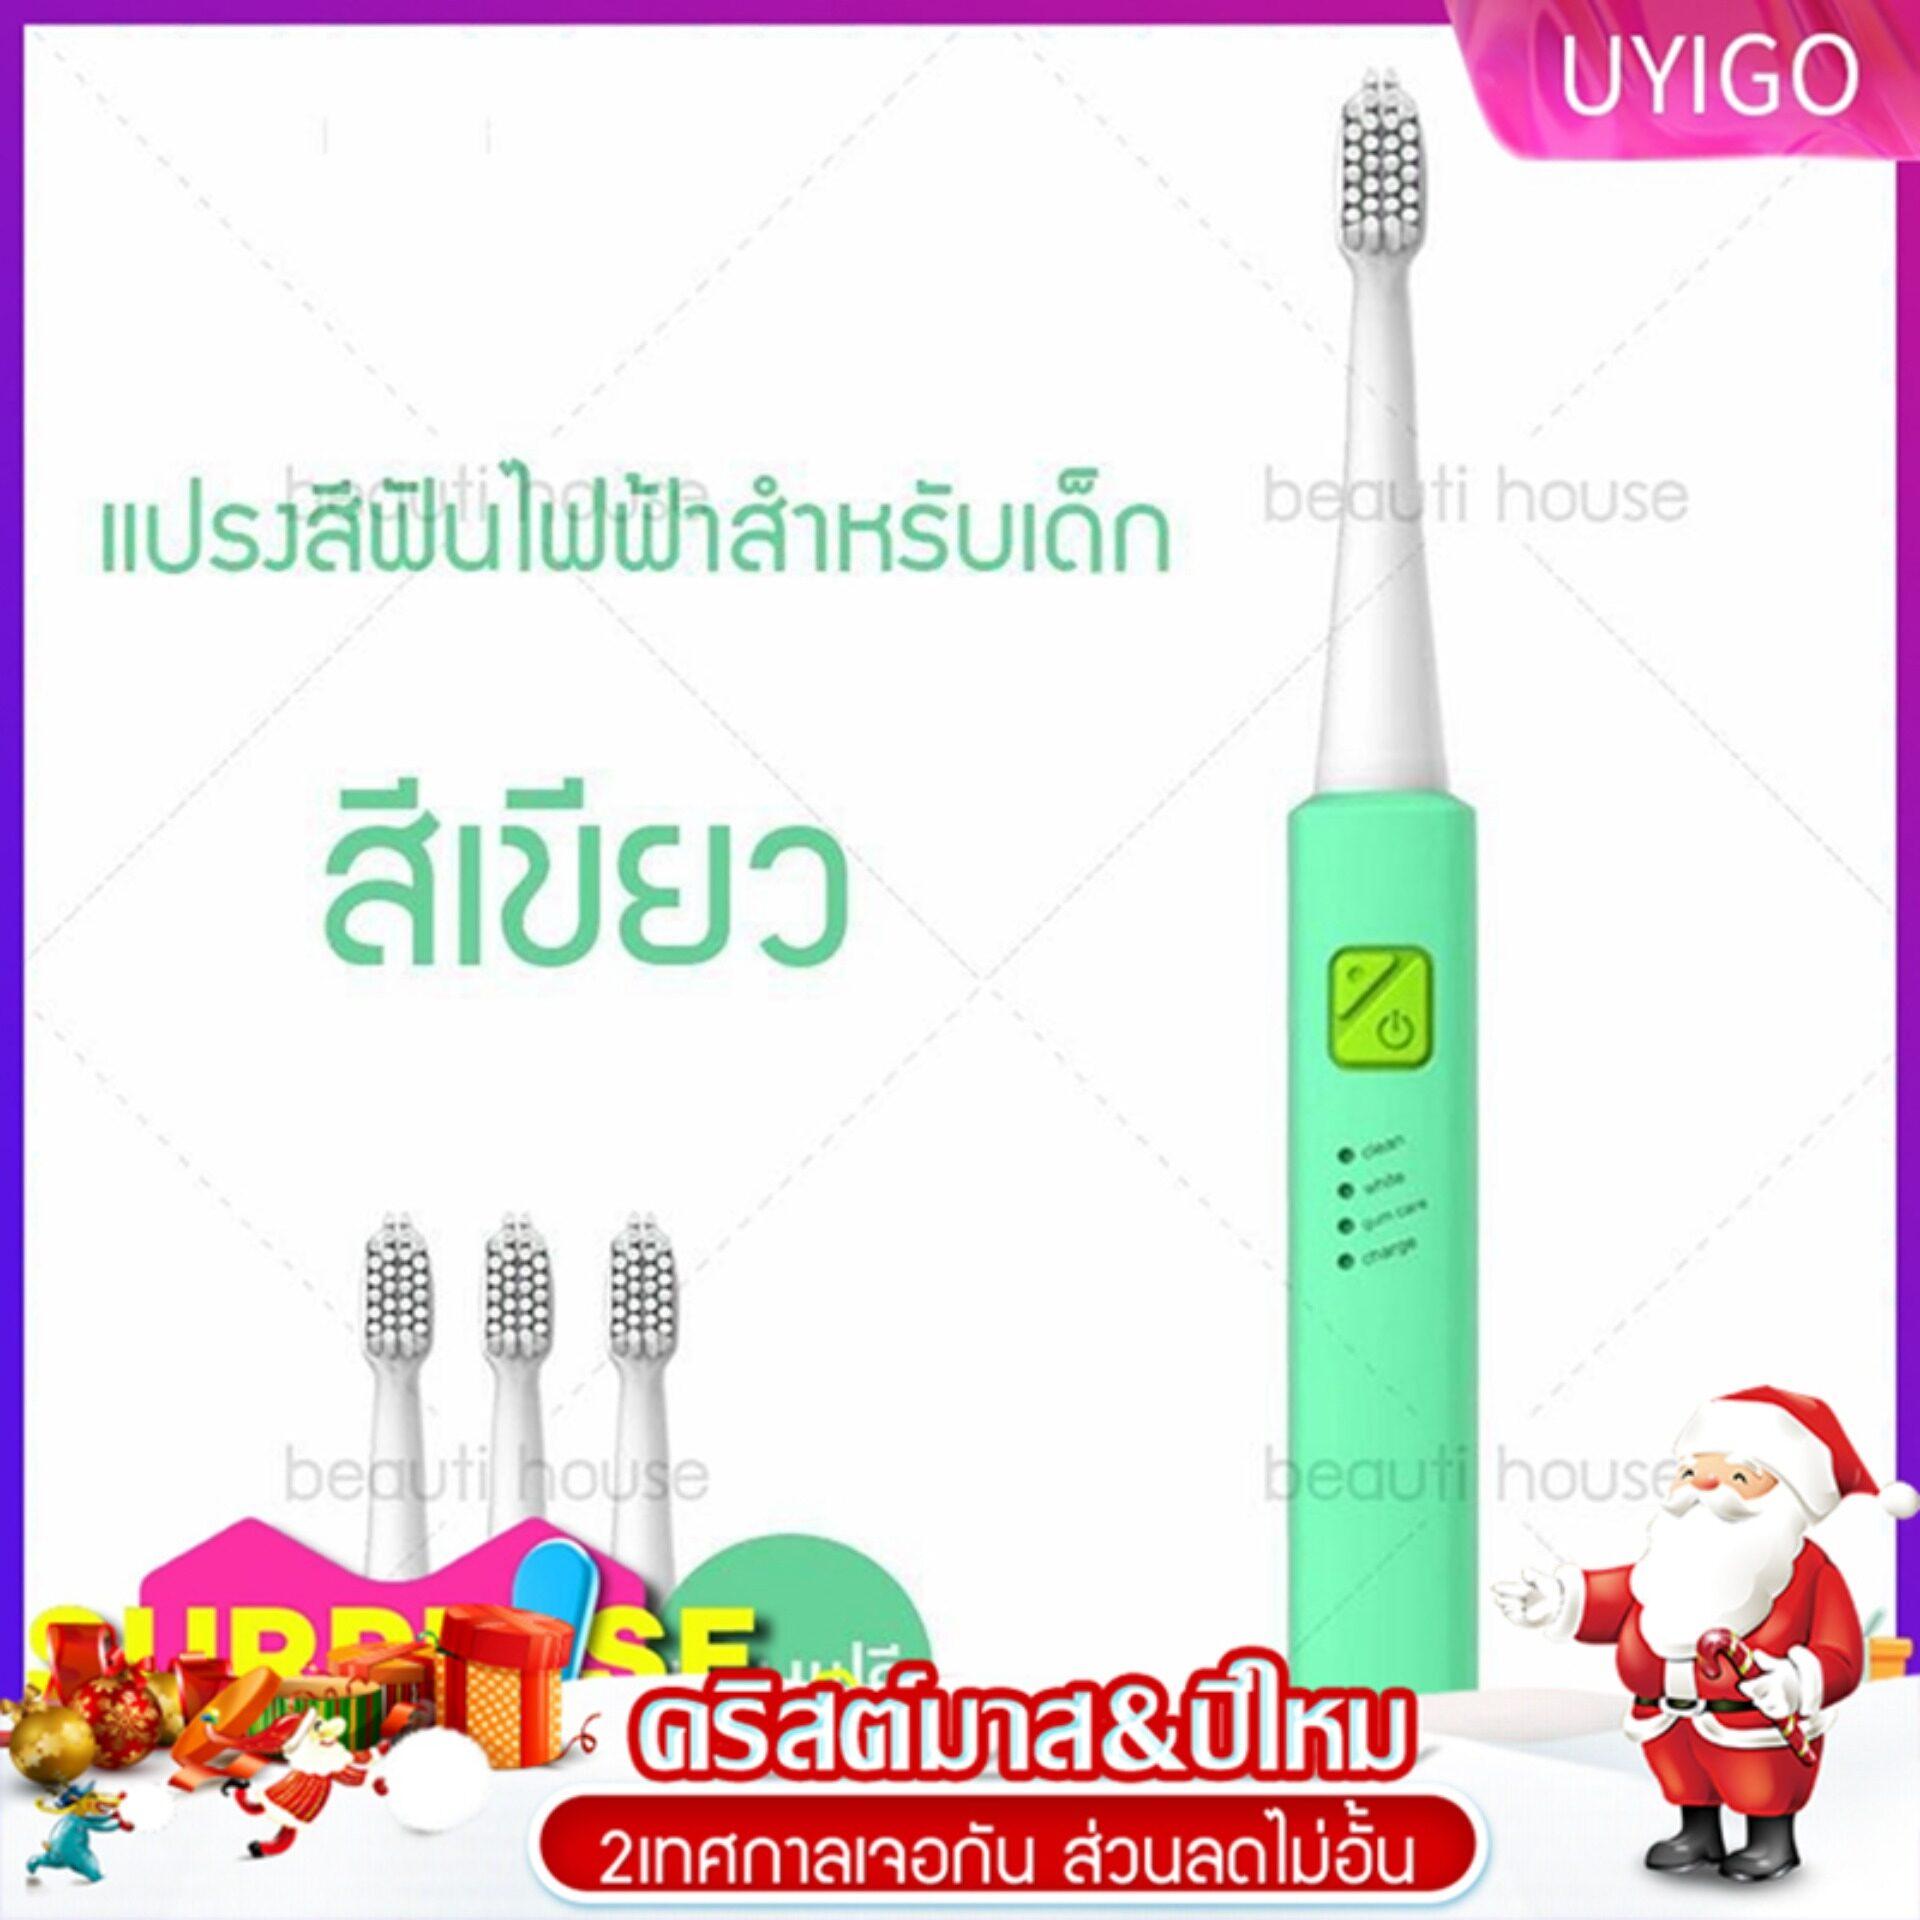 แปรงสีฟันไฟฟ้า ทำความสะอาดทุกซี่ฟันอย่างหมดจด ชุมพร LANSUNG  แปรงสีฟัน แปรงสีฟันไฟฟ้า ระบบSonic ชุดแปรงสีฟันไฟฟ้า พร้อมหัวเปลี่ยน 3 หัว ขนแรปงนิ่ม ชาร์จแบต กันน้ำ สำหรับเด็กสีเขียว  สำหรับผู้ใหญ่สีม่วง  UYIGO